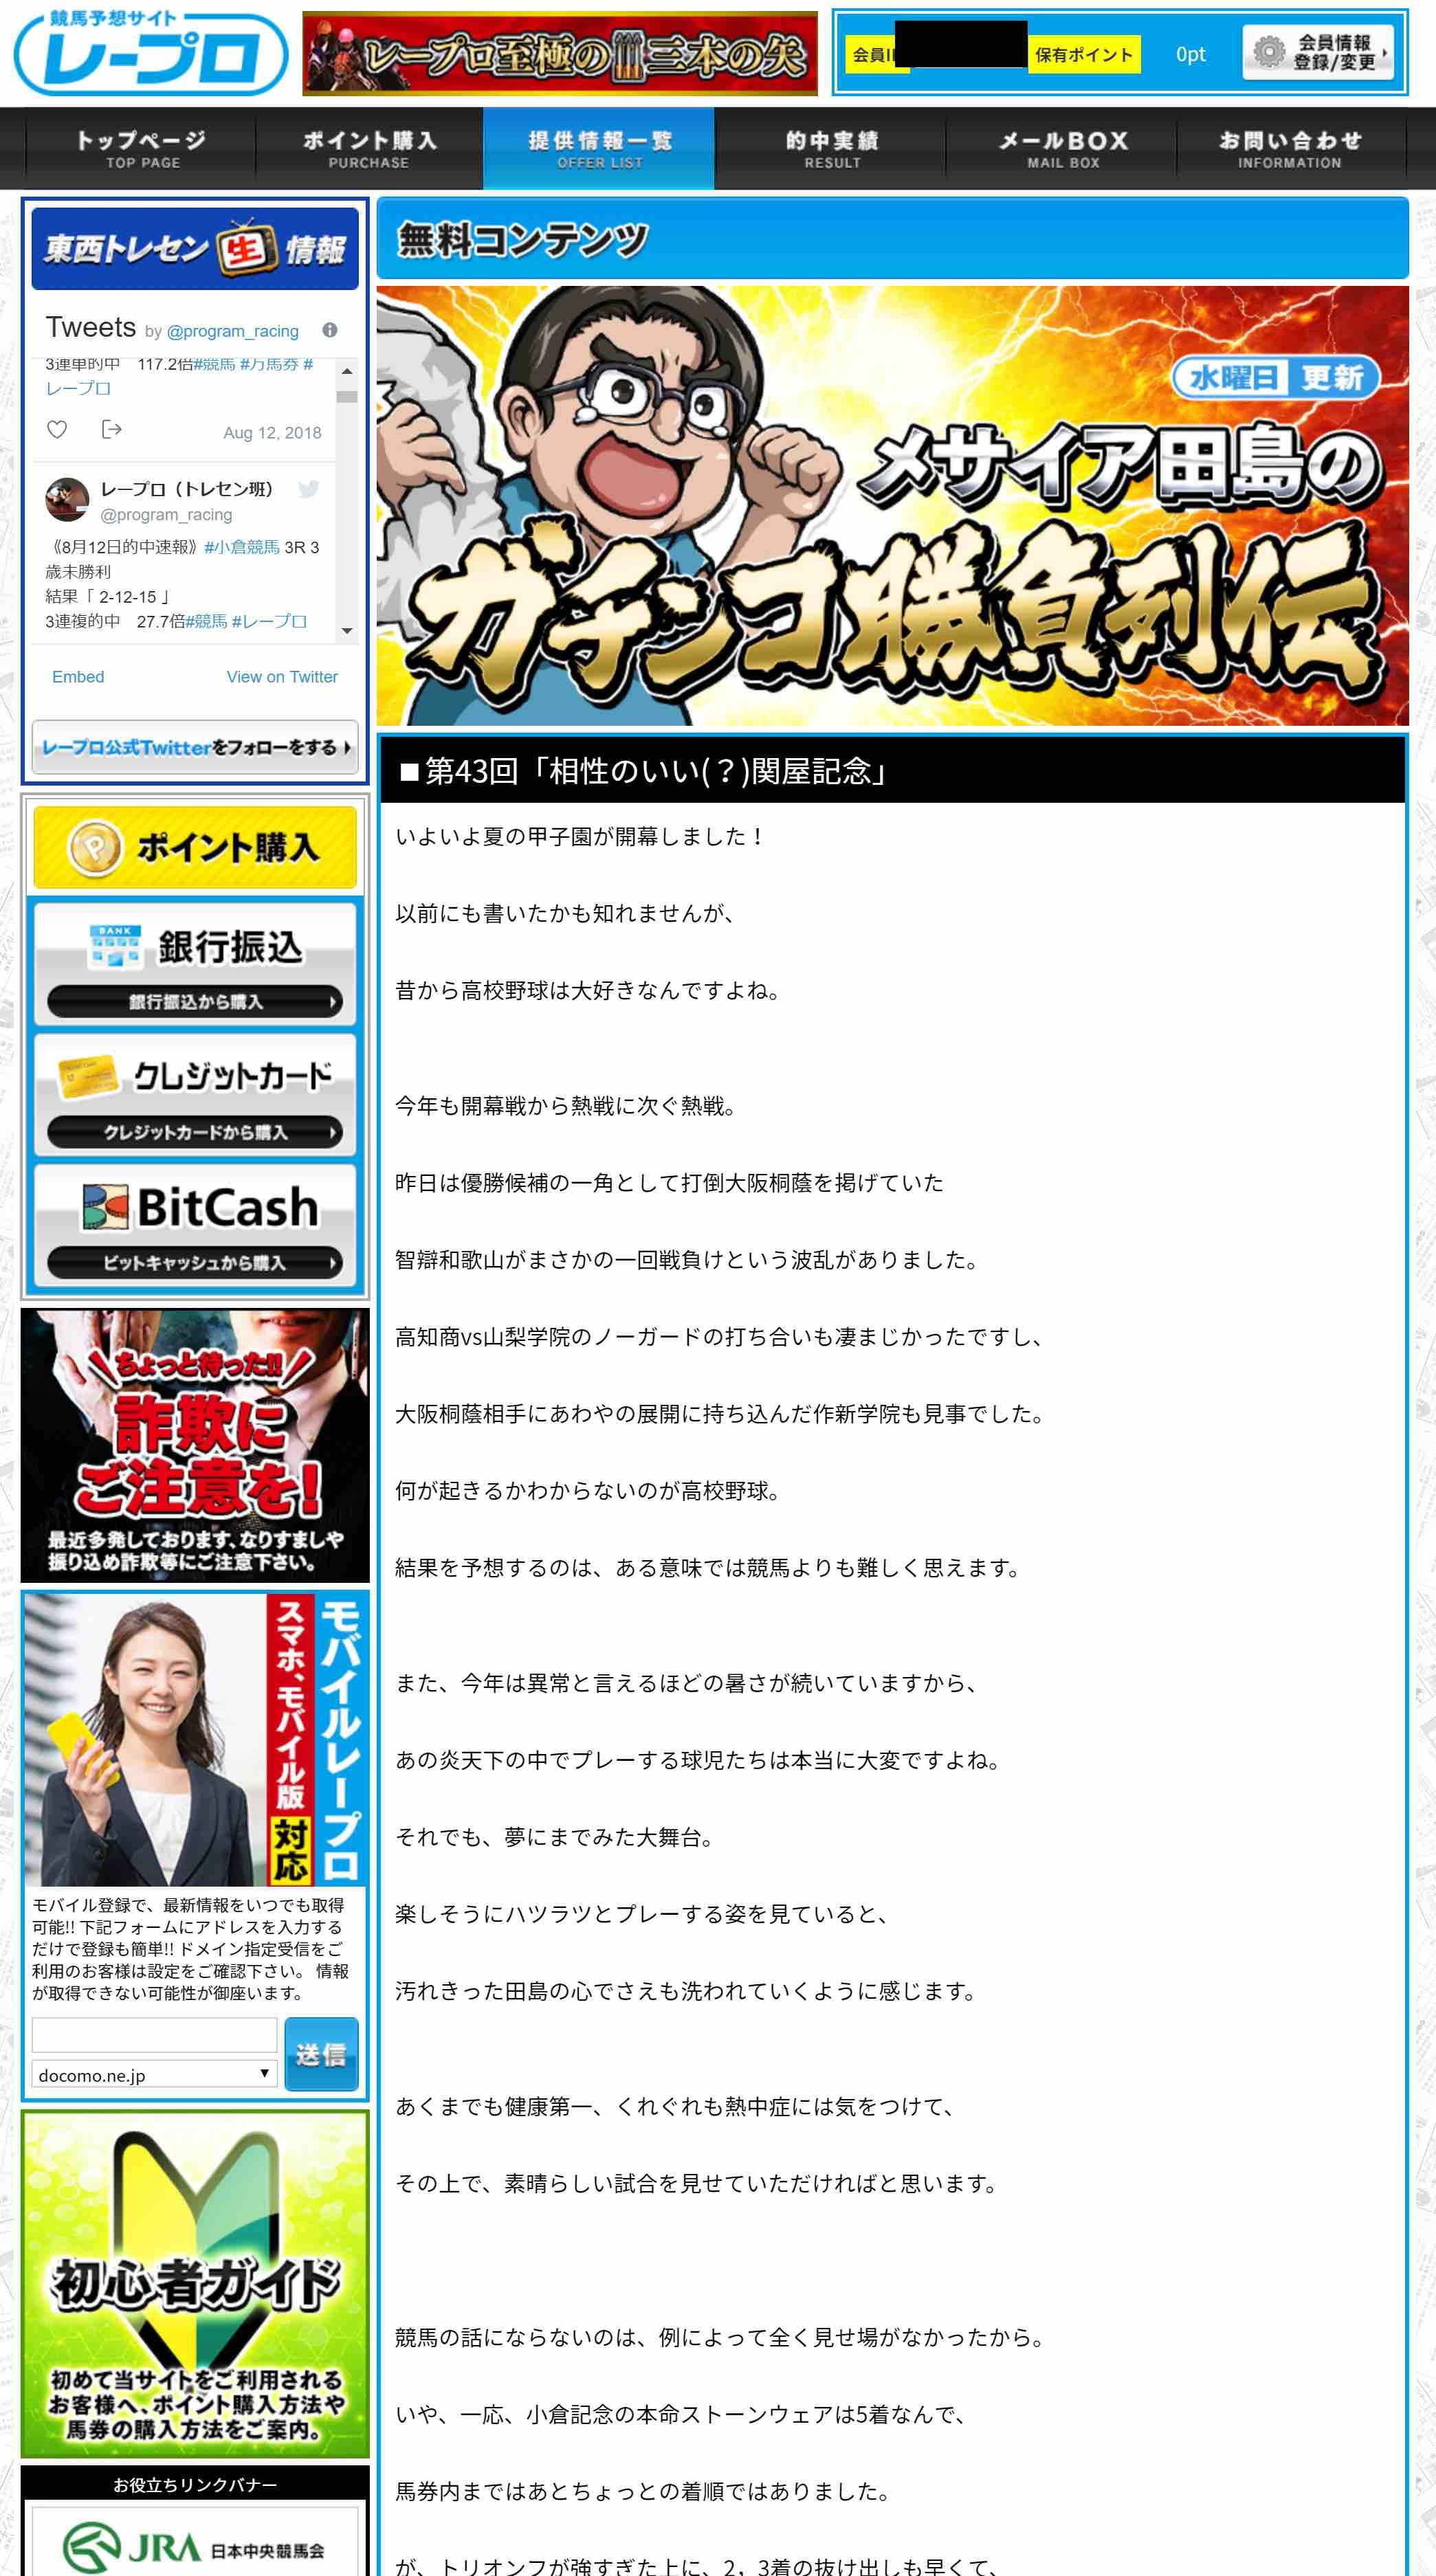 レープロという競馬予想サイトのメサイア田島という無料コンテンツ